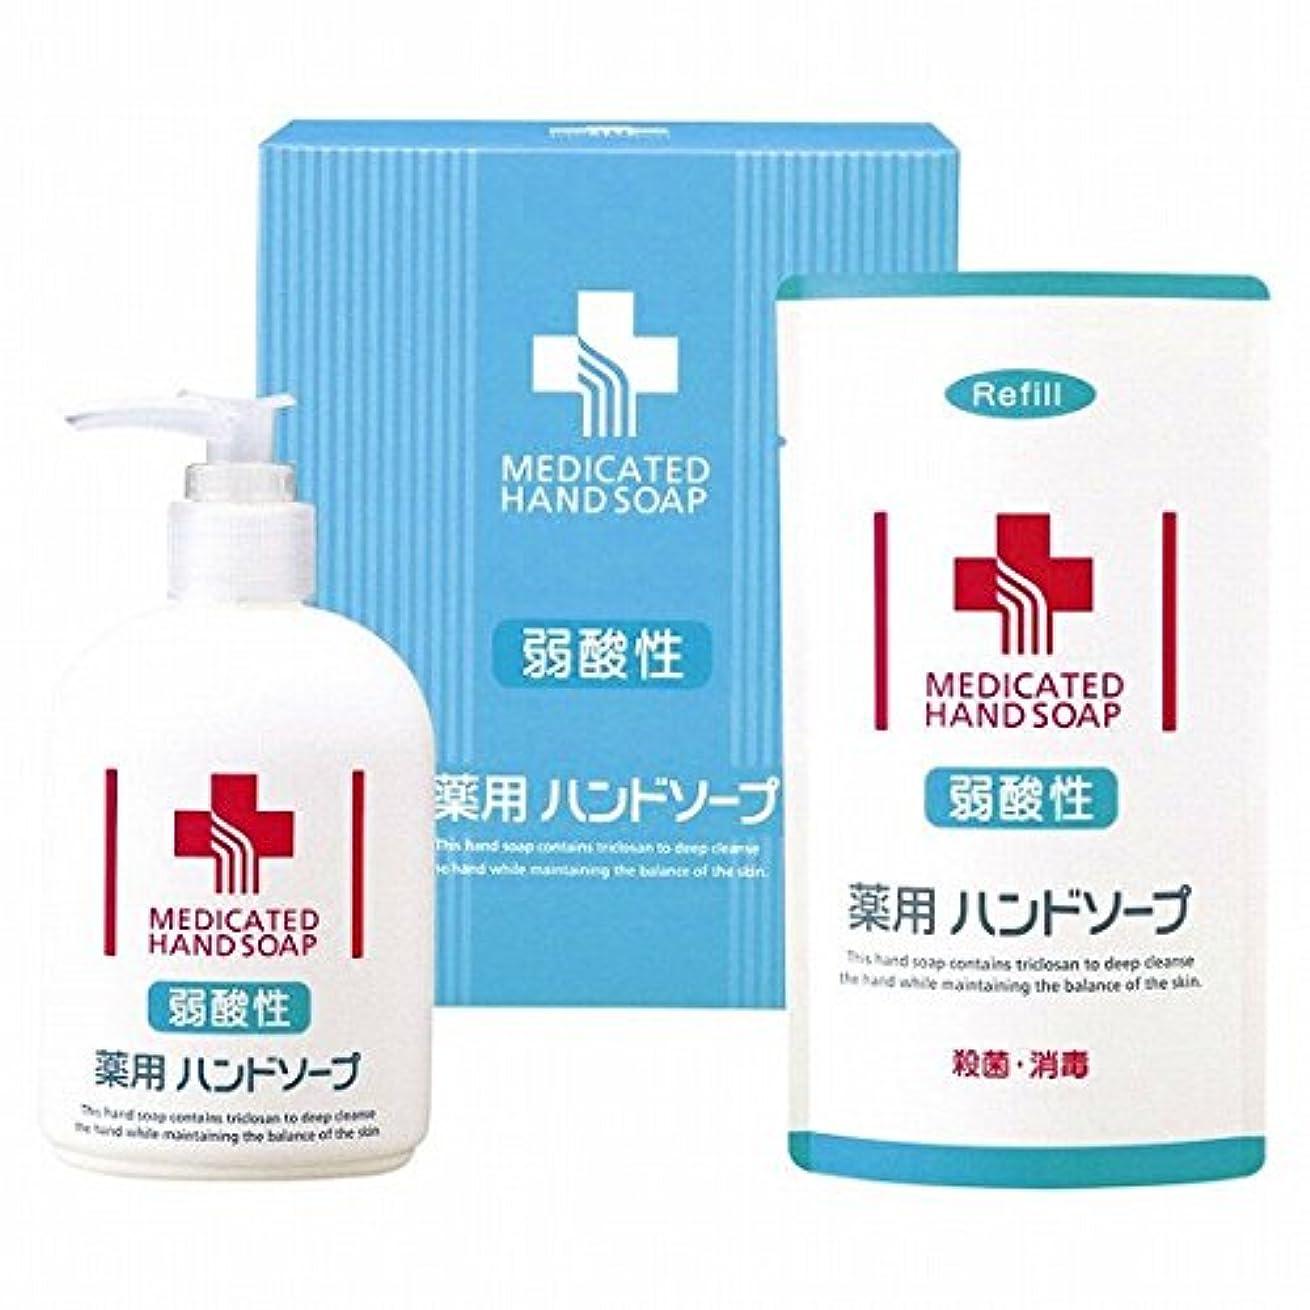 モディッシュ常習的ことわざnobrand 弱酸性 薬用ハンドソープセット(21957015)